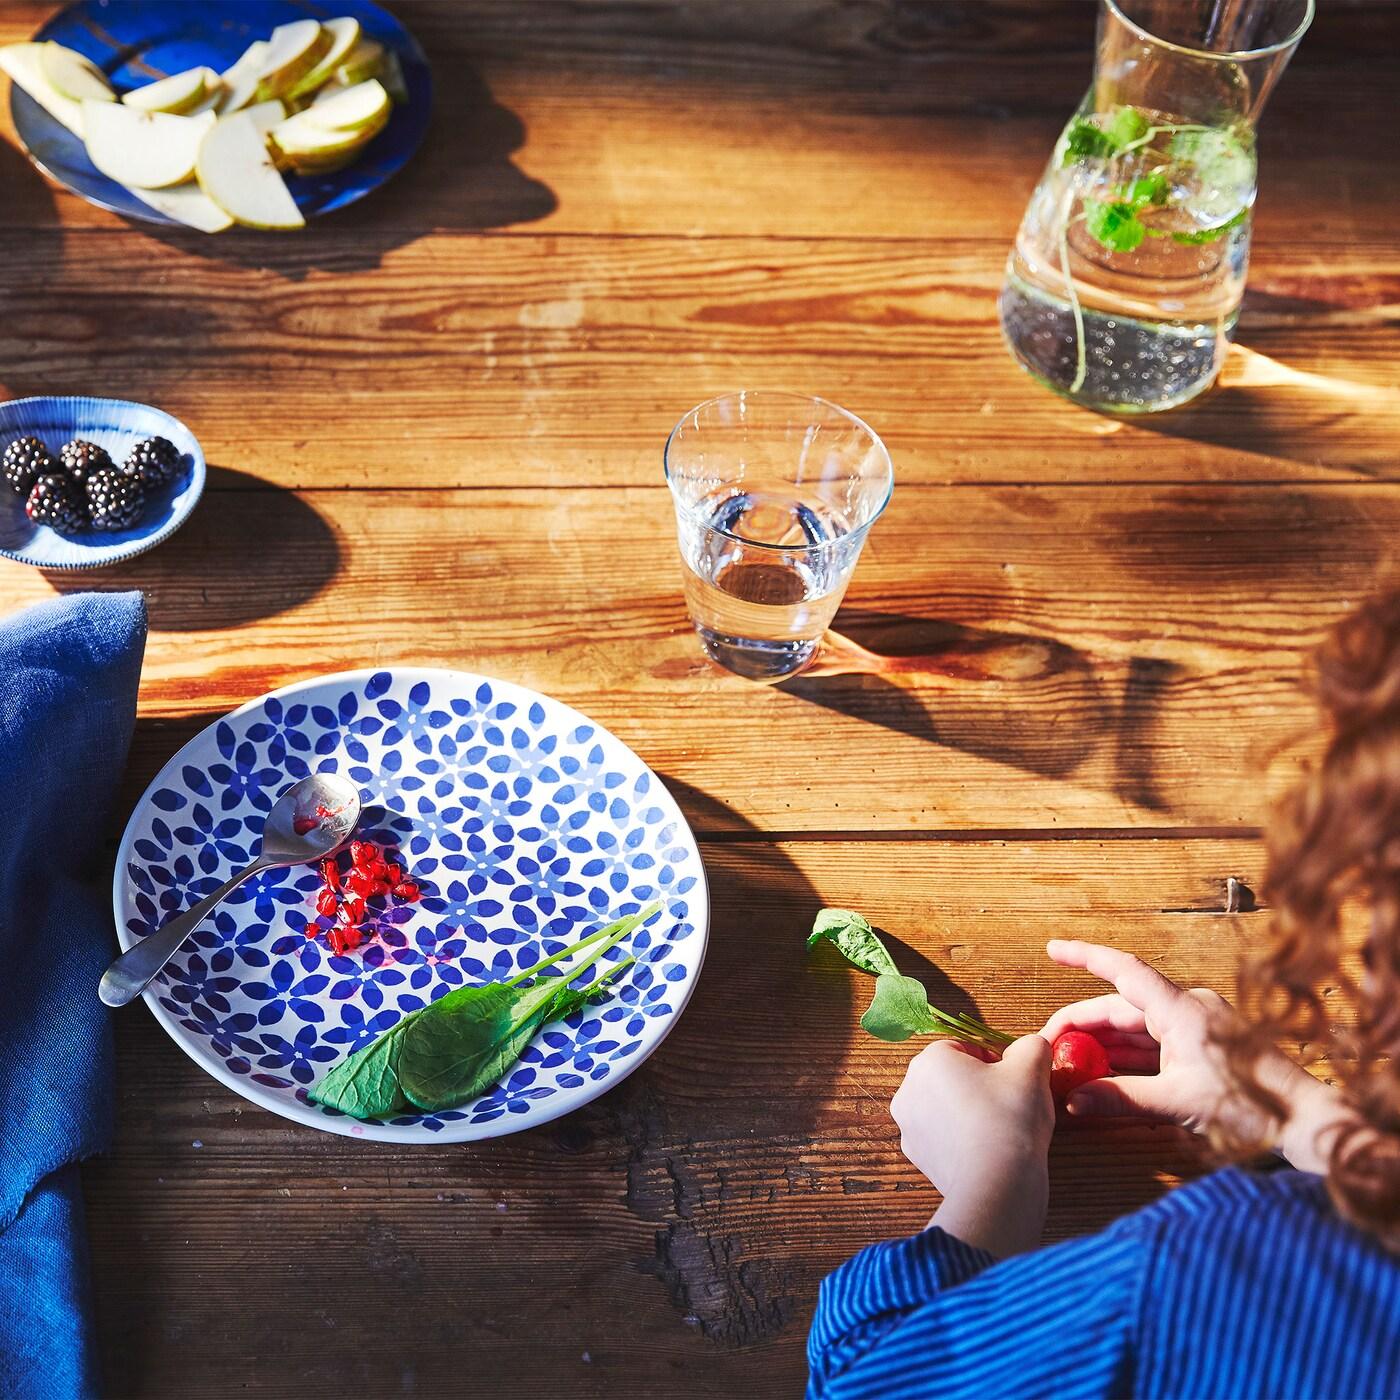 Ein Blick von oben auf eine Person, die ein Radieschen in der Hand hat. Daneben ein MEDLEM Dessertteller weiß/blau/gemustert mit einem Löffel darauf.